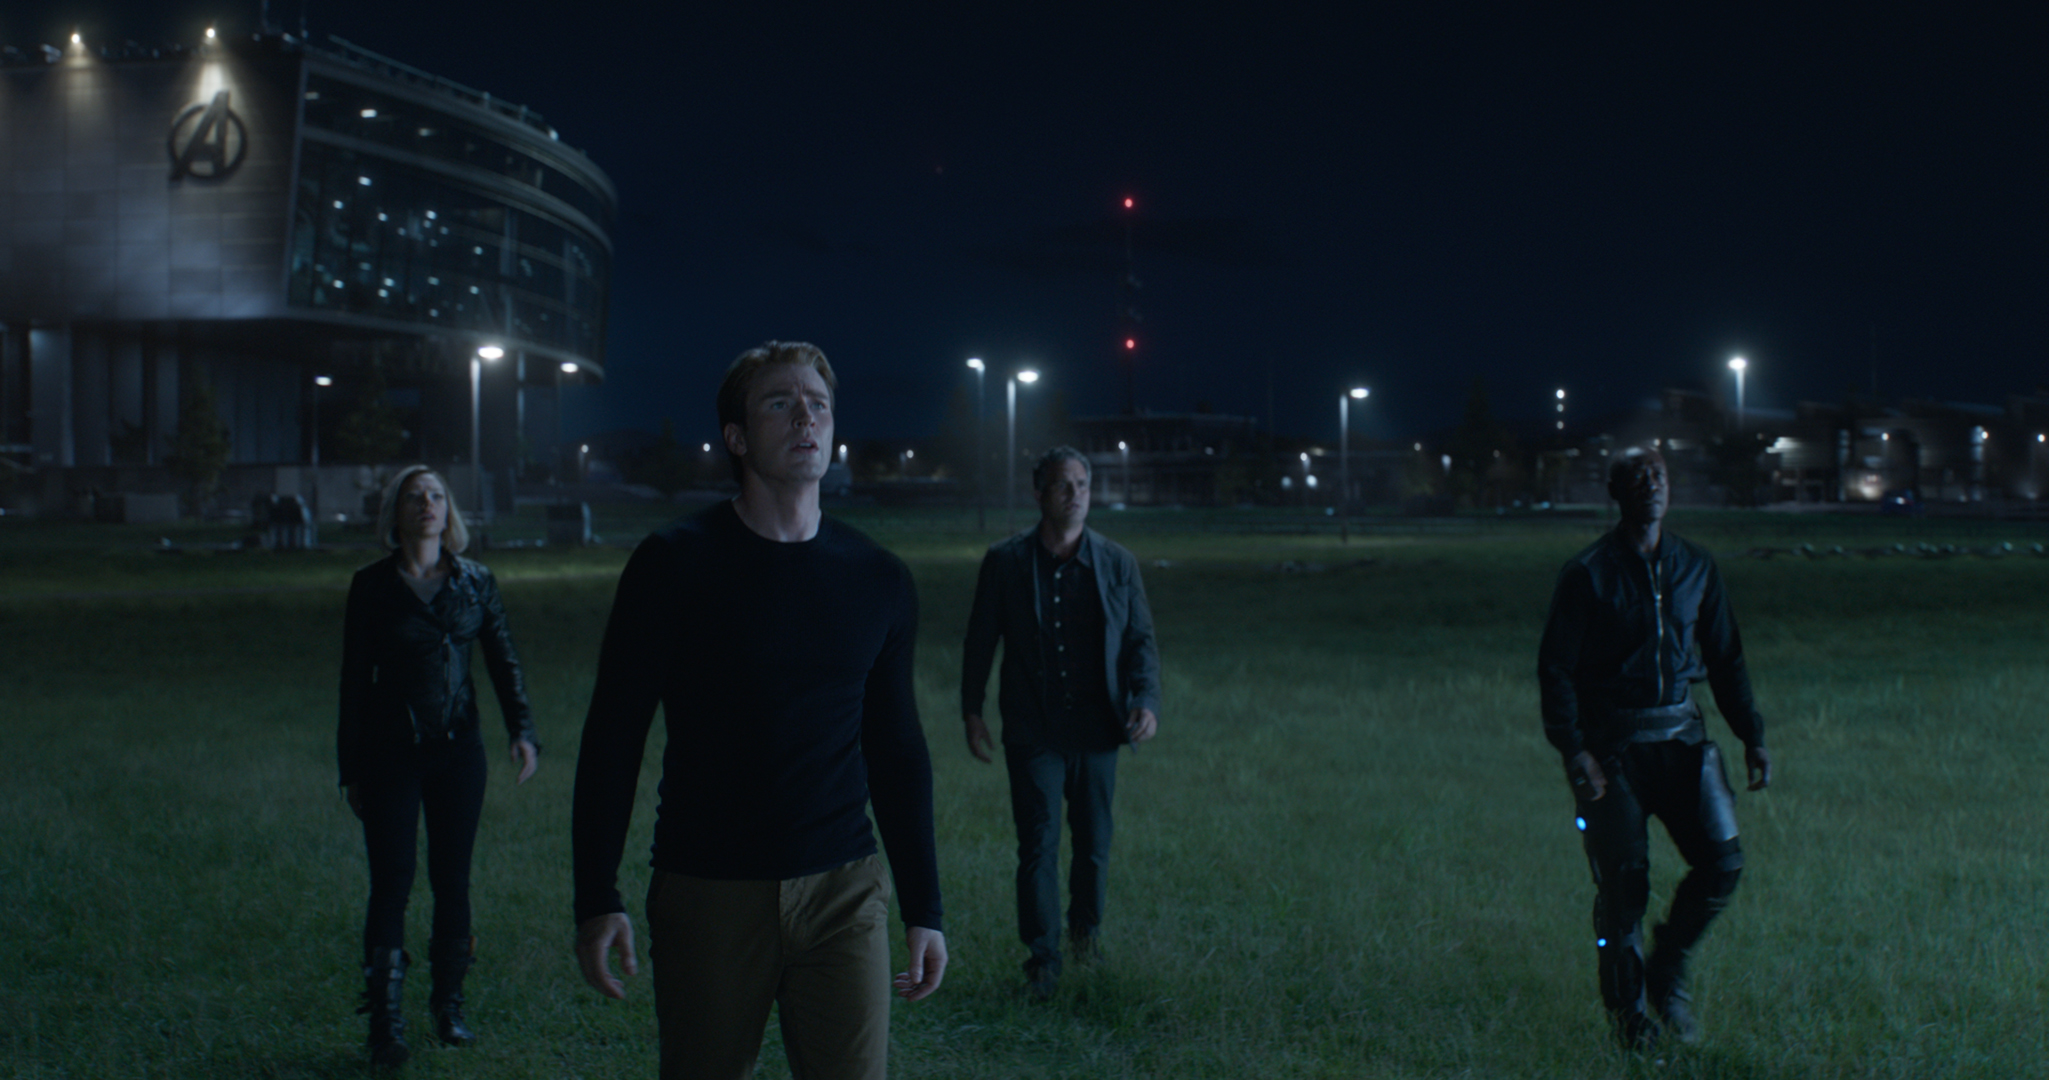 HIGHEST GROSSING FILM IN PH. 'Avengers:endgame' now holds the record for the highest-grossing film in the Philippine box office. Photo courtesy of Marvel Studios